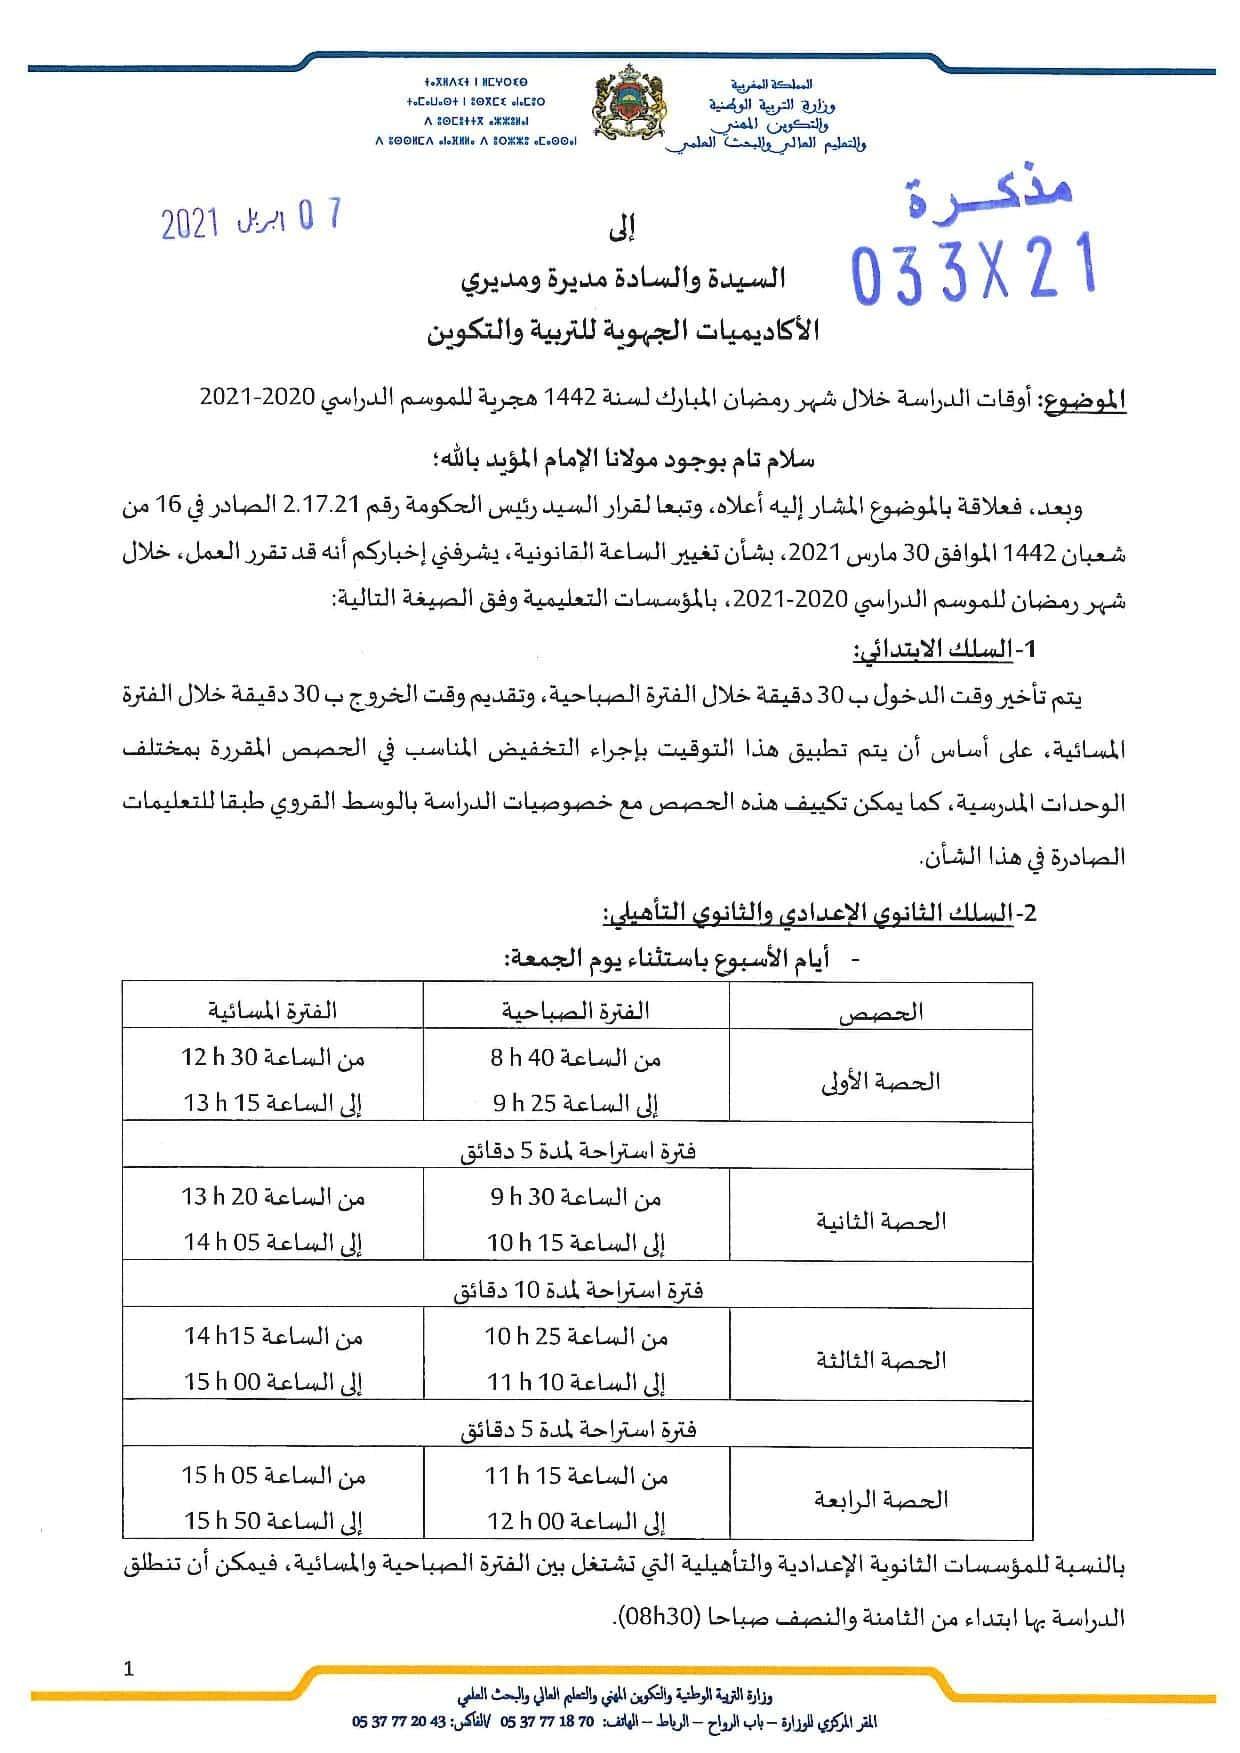 أوقات الدراسة خلال رمضان 2021 بالمغرب